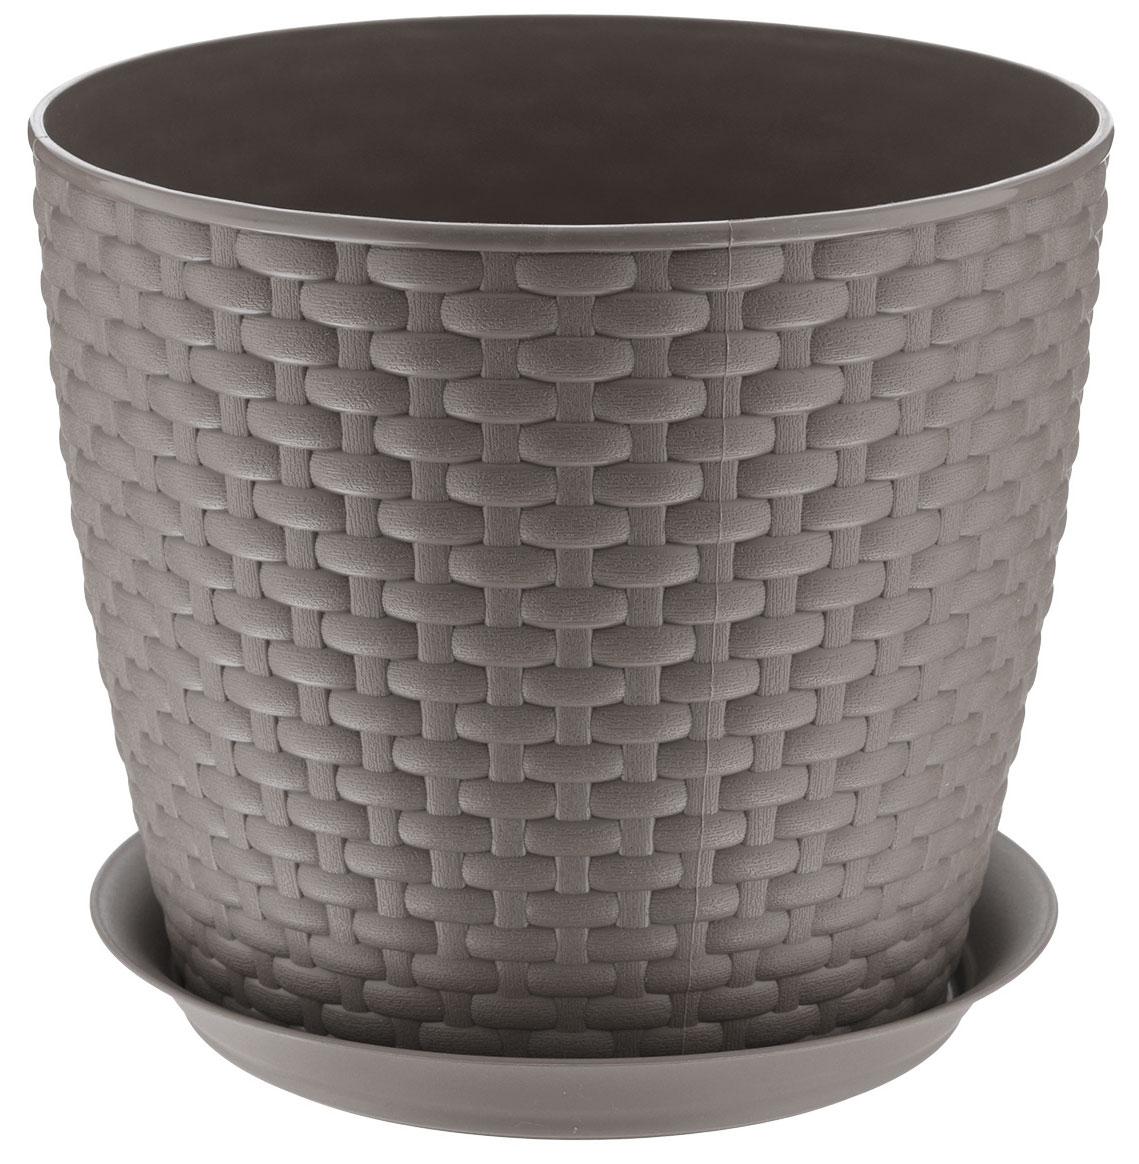 Кашпо Idea Ротанг, с поддоном, цвет: коричневый, 2 лМ 3081Кашпо Idea Ротанг изготовлено из высококачественного пластика. Специальный поддон предназначен для стока воды. Изделие прекрасно подходит для выращивания растений и цветов в домашних условиях. Лаконичный дизайн впишется в интерьер любого помещения. Диаметр поддона: 15,5 см. Объем кашпо: 2 л.Диаметр кашпо по верхнему краю: 15,5 см.Высота кашпо: 13,5 см.